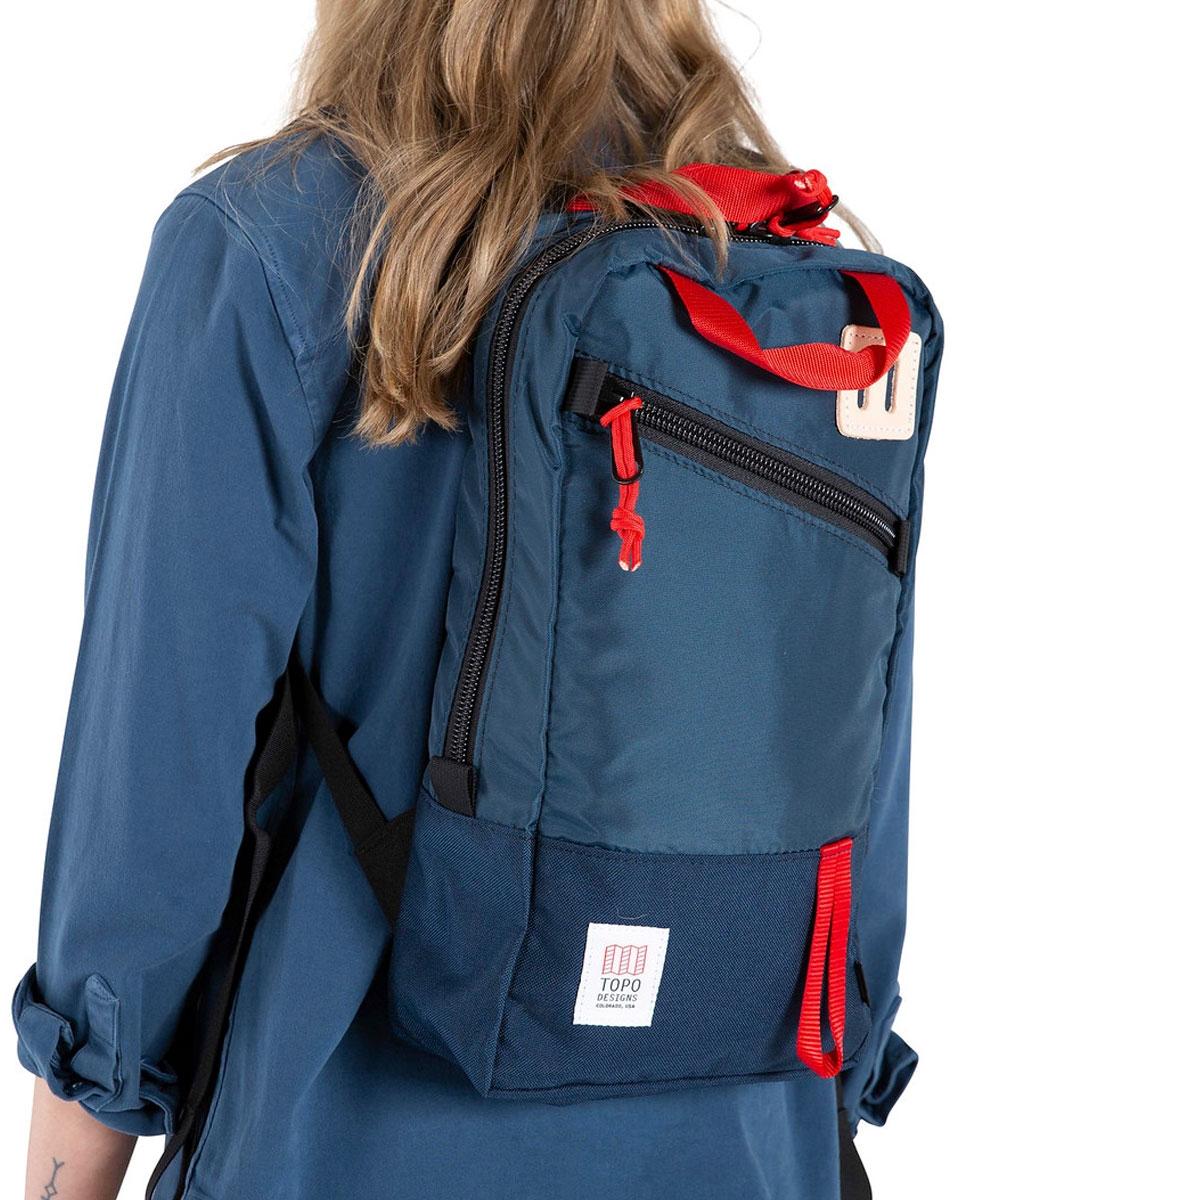 Topo Designs Trip Pack Navy, perfecte rugzak voor elke dag tocht